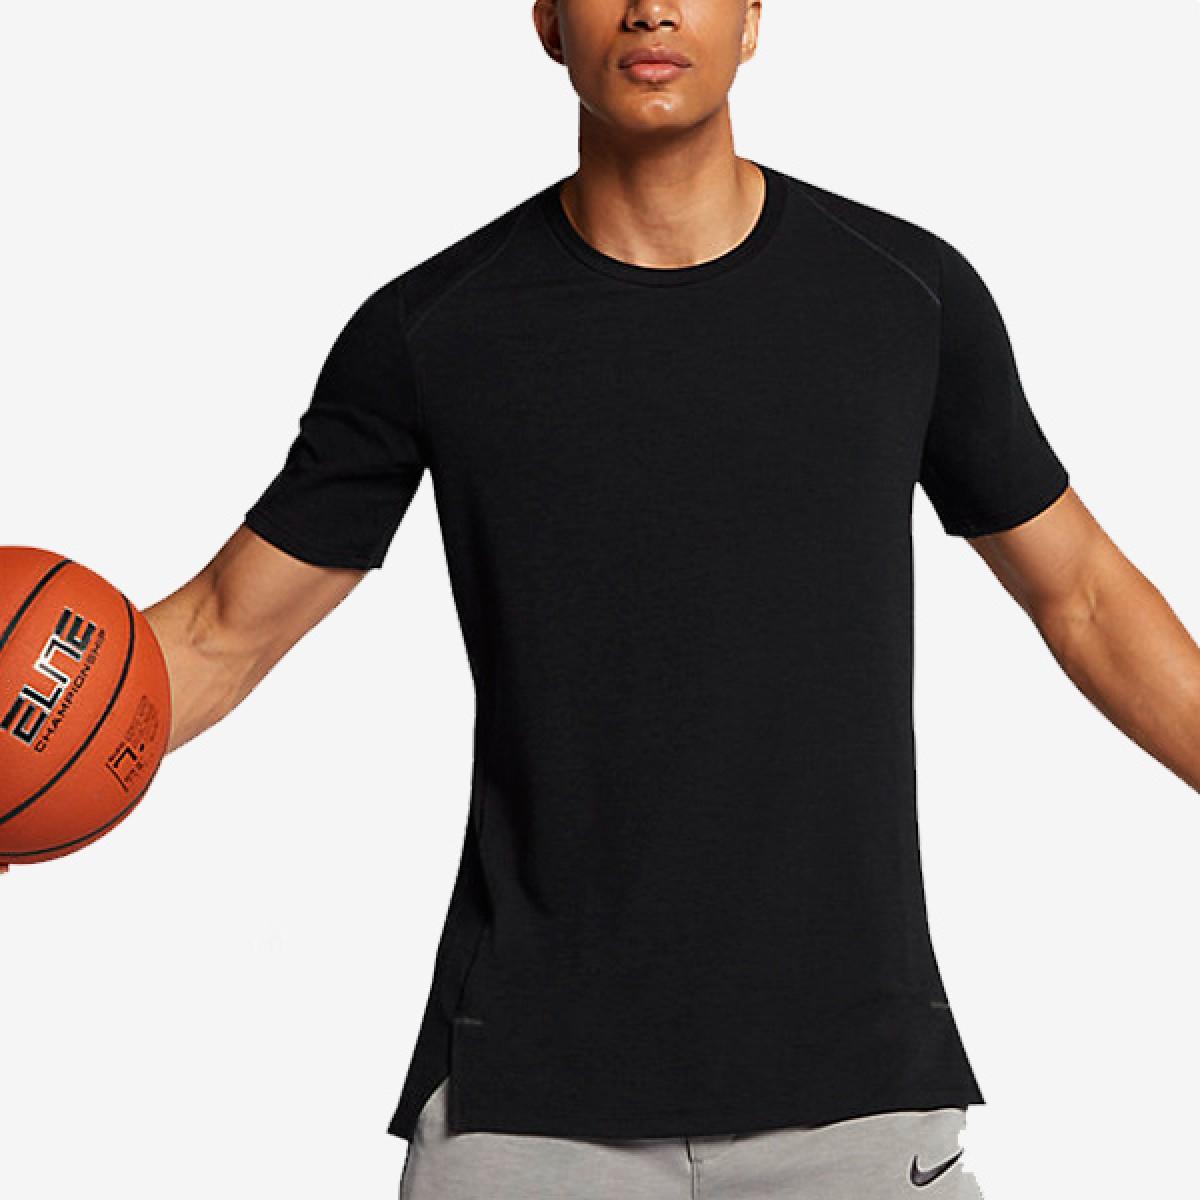 Nike Dry Top 'Black'